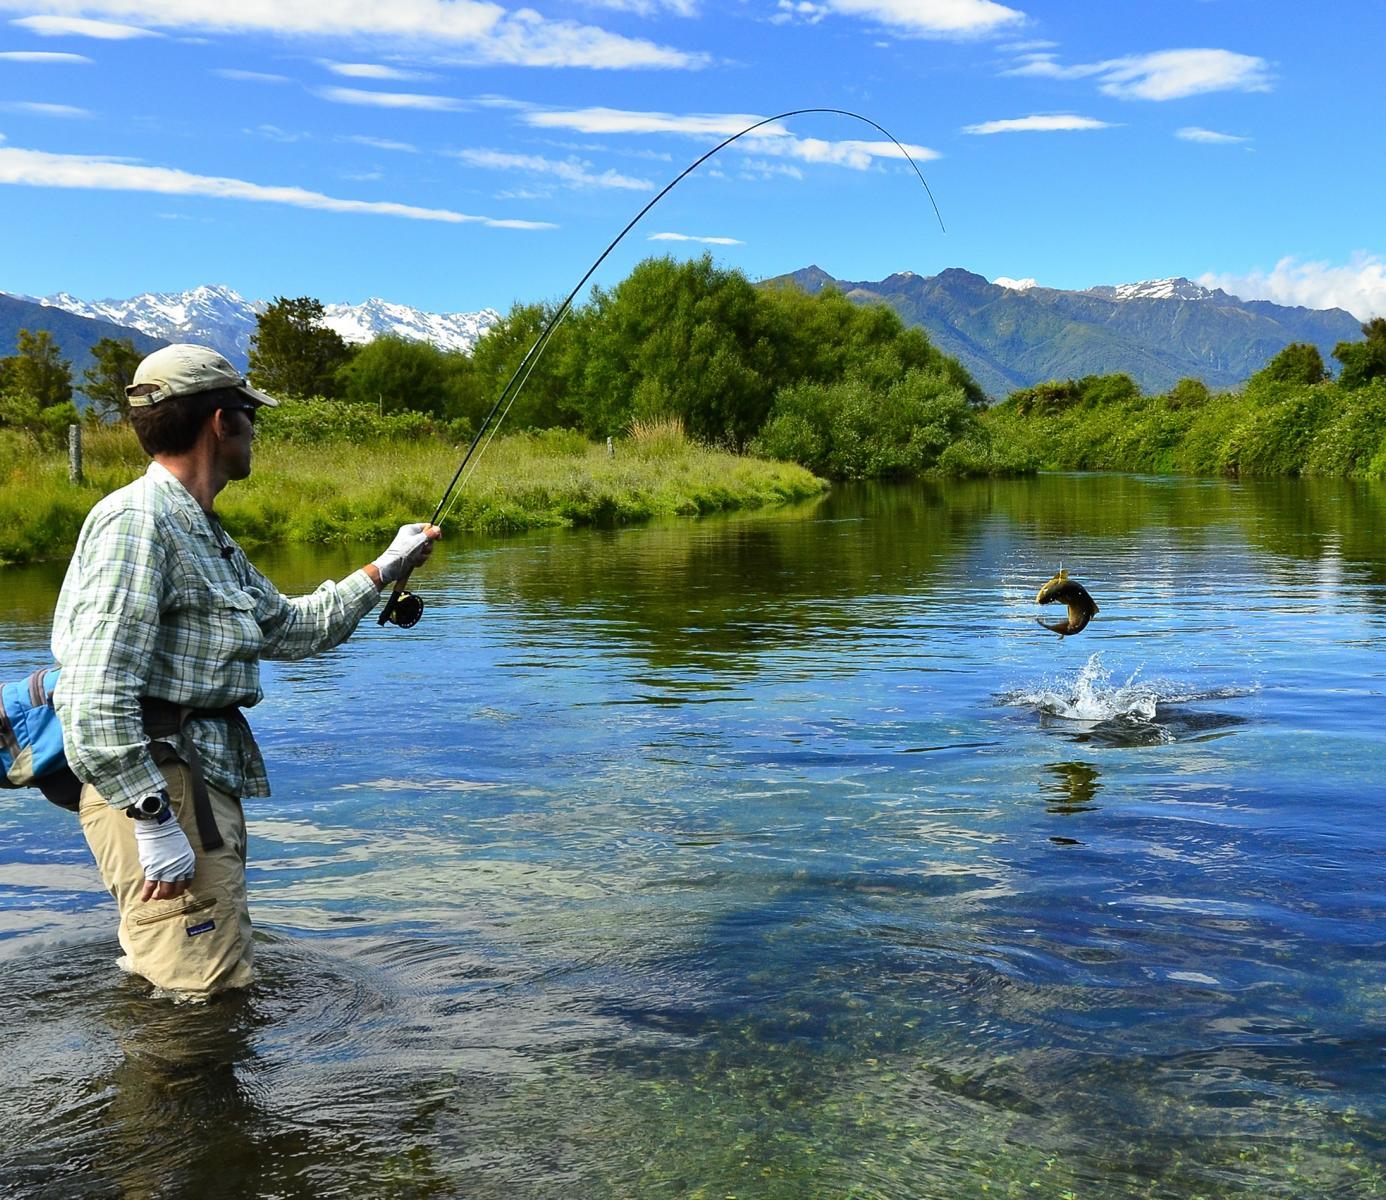 Angeln im Fluss bei der Marlborough Lodge in Neuseeland